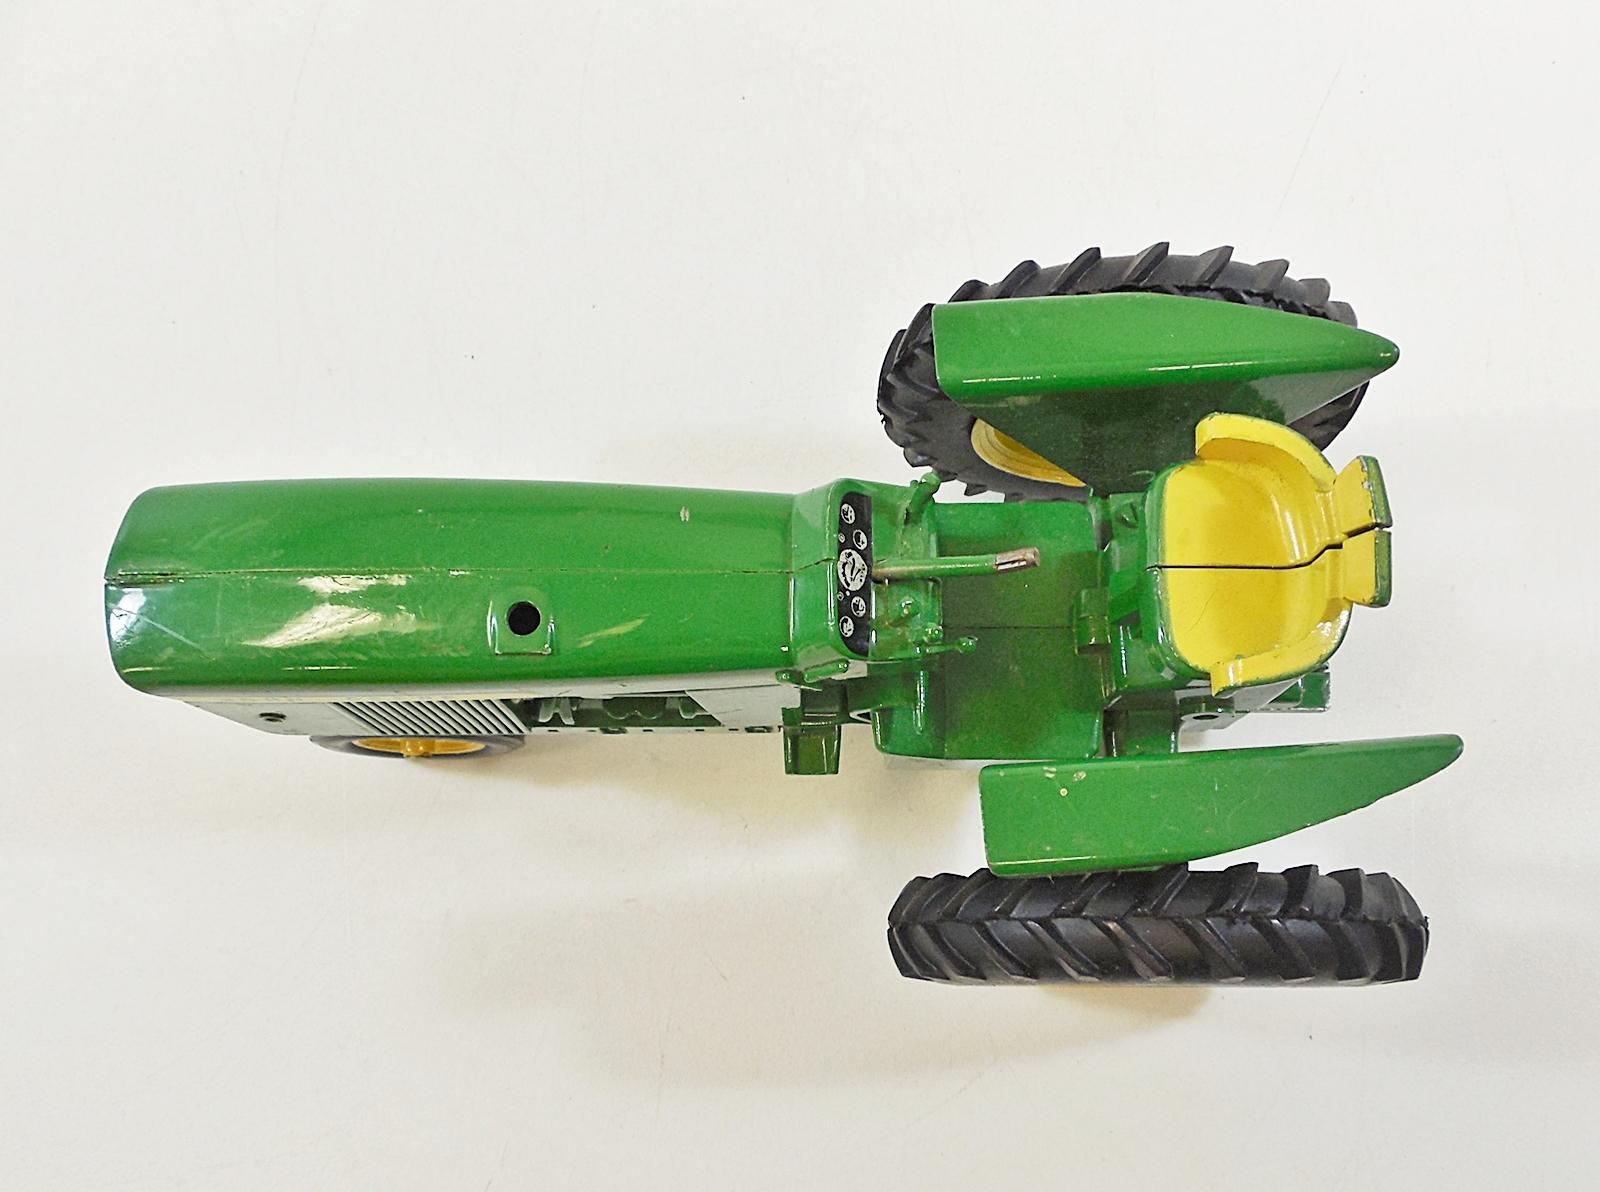 ... 1960's John Deere Metal Toy Tractor ERTL 1/16 - Model 3010 3020 4020